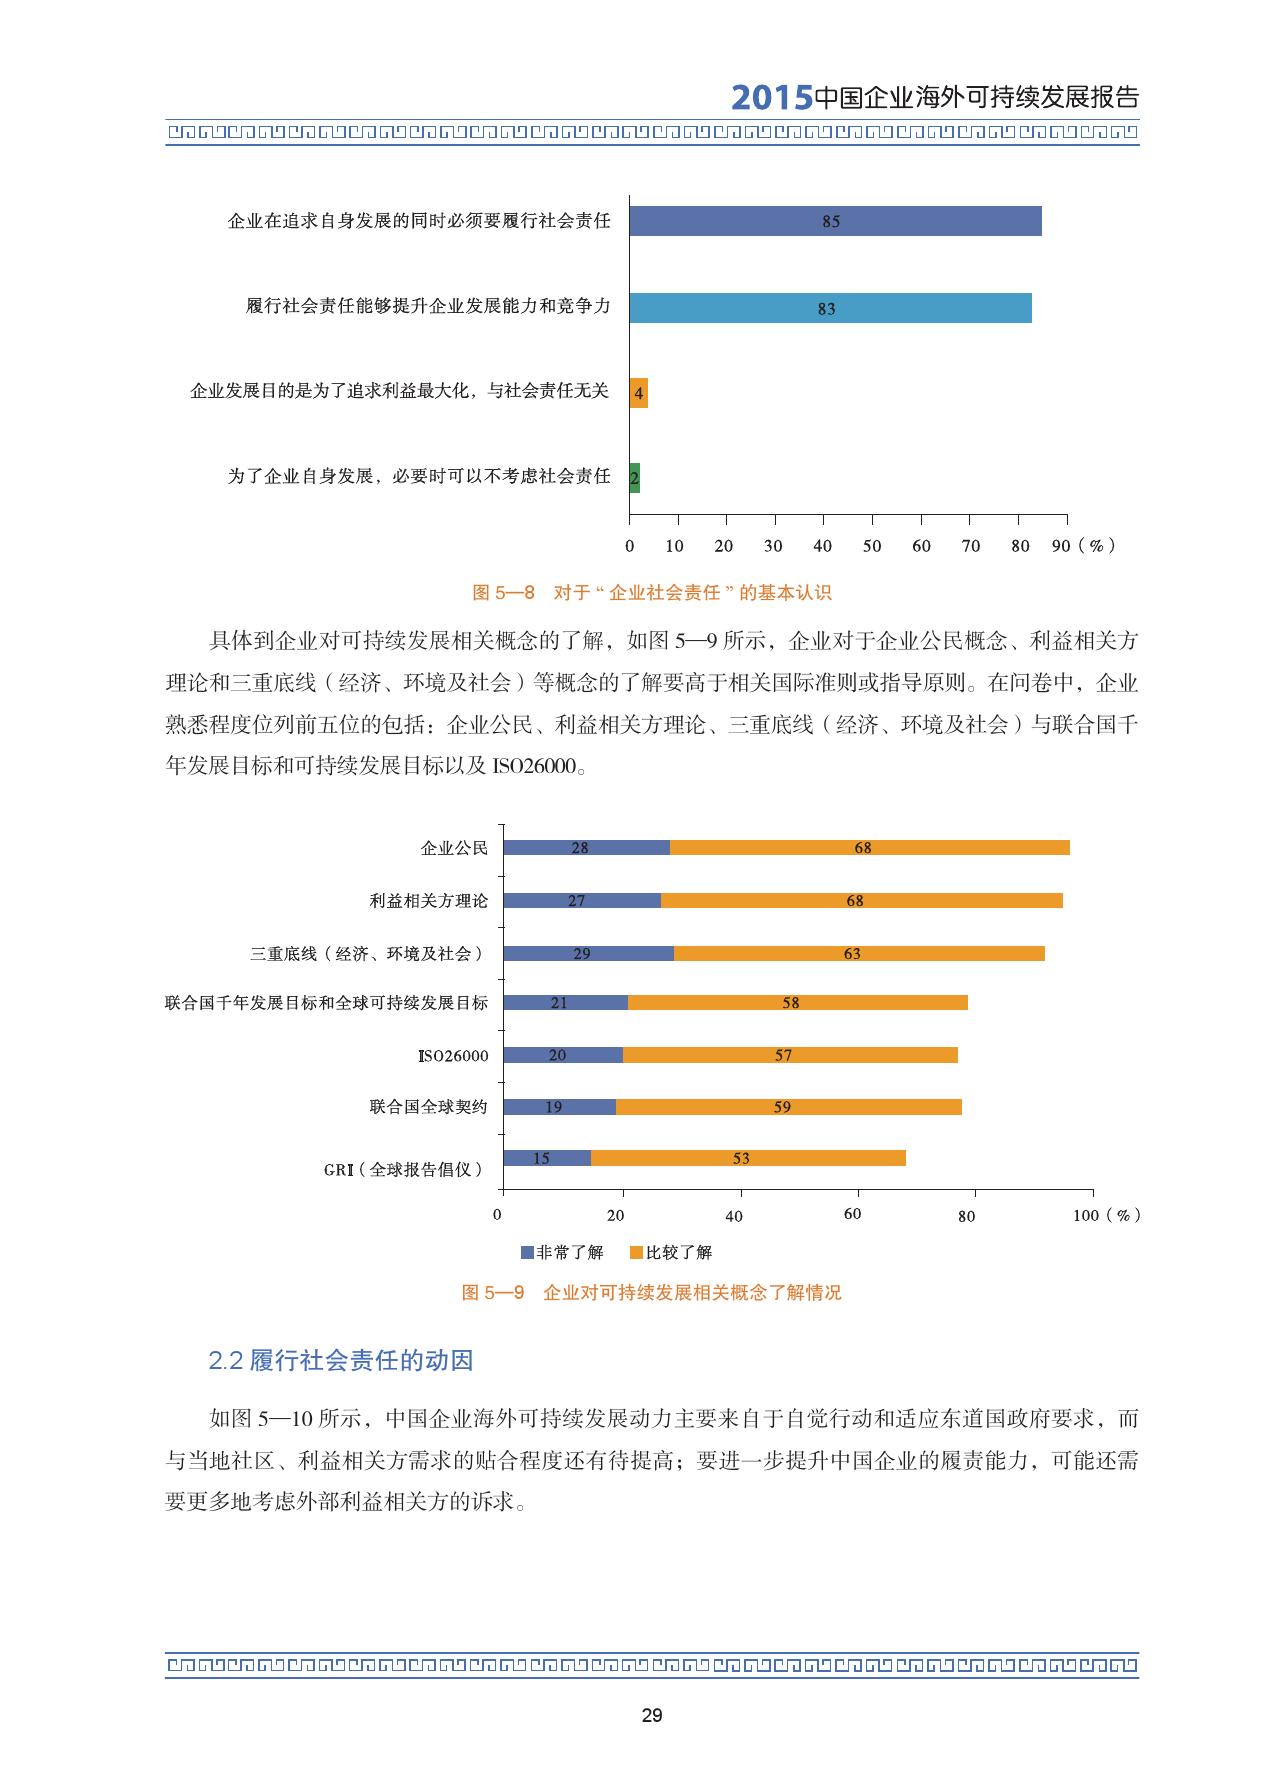 2015中国企业海外可持续发展报告_000043